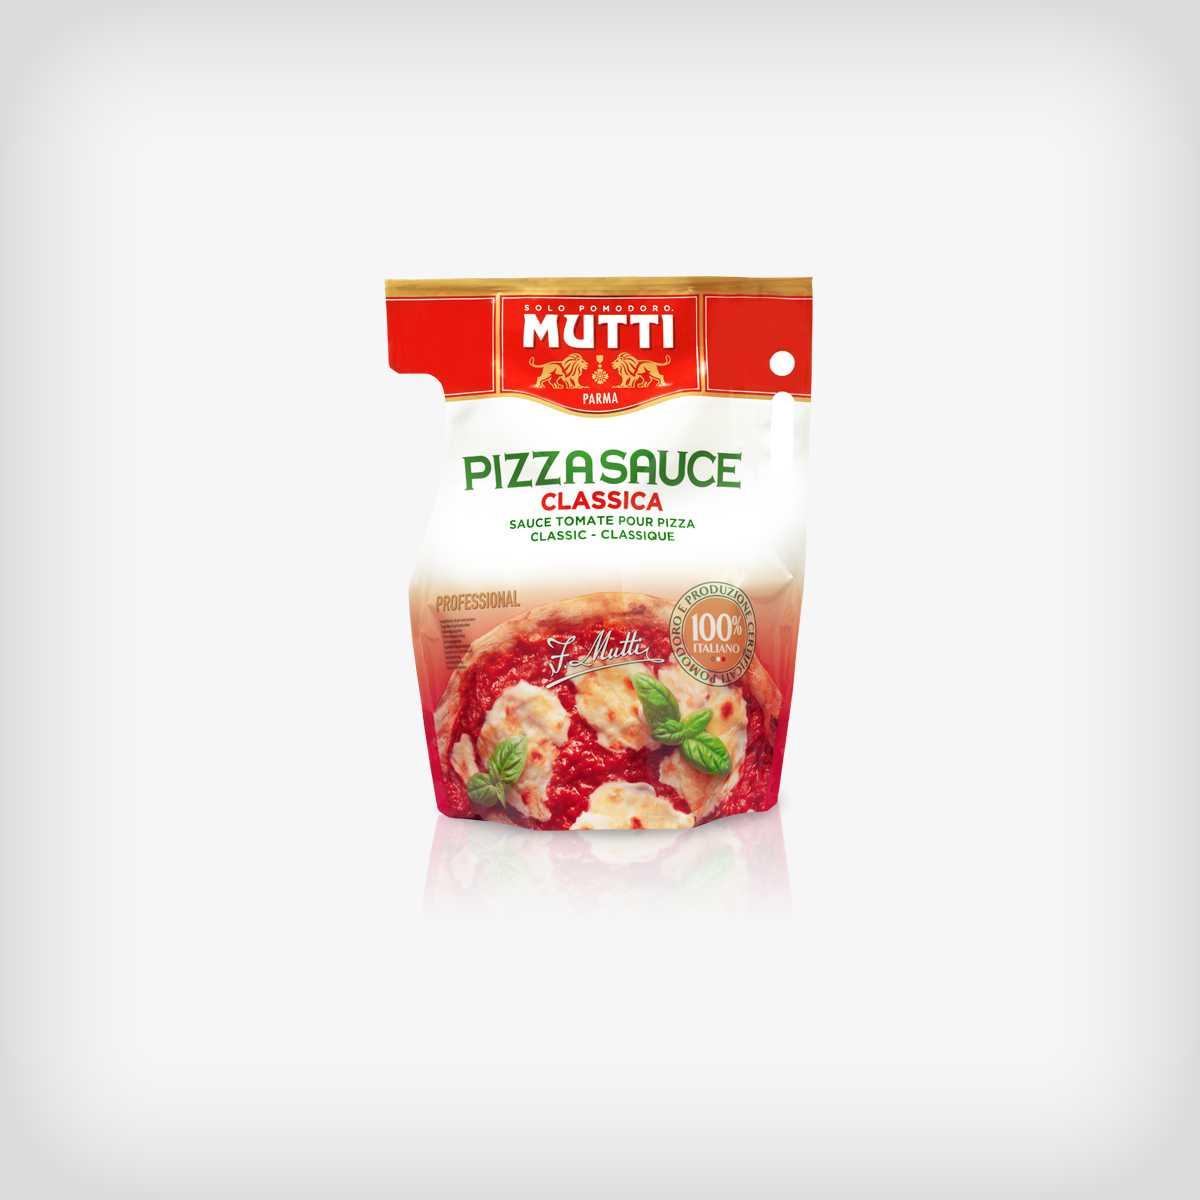 Pizza Sauce Classic Mutti